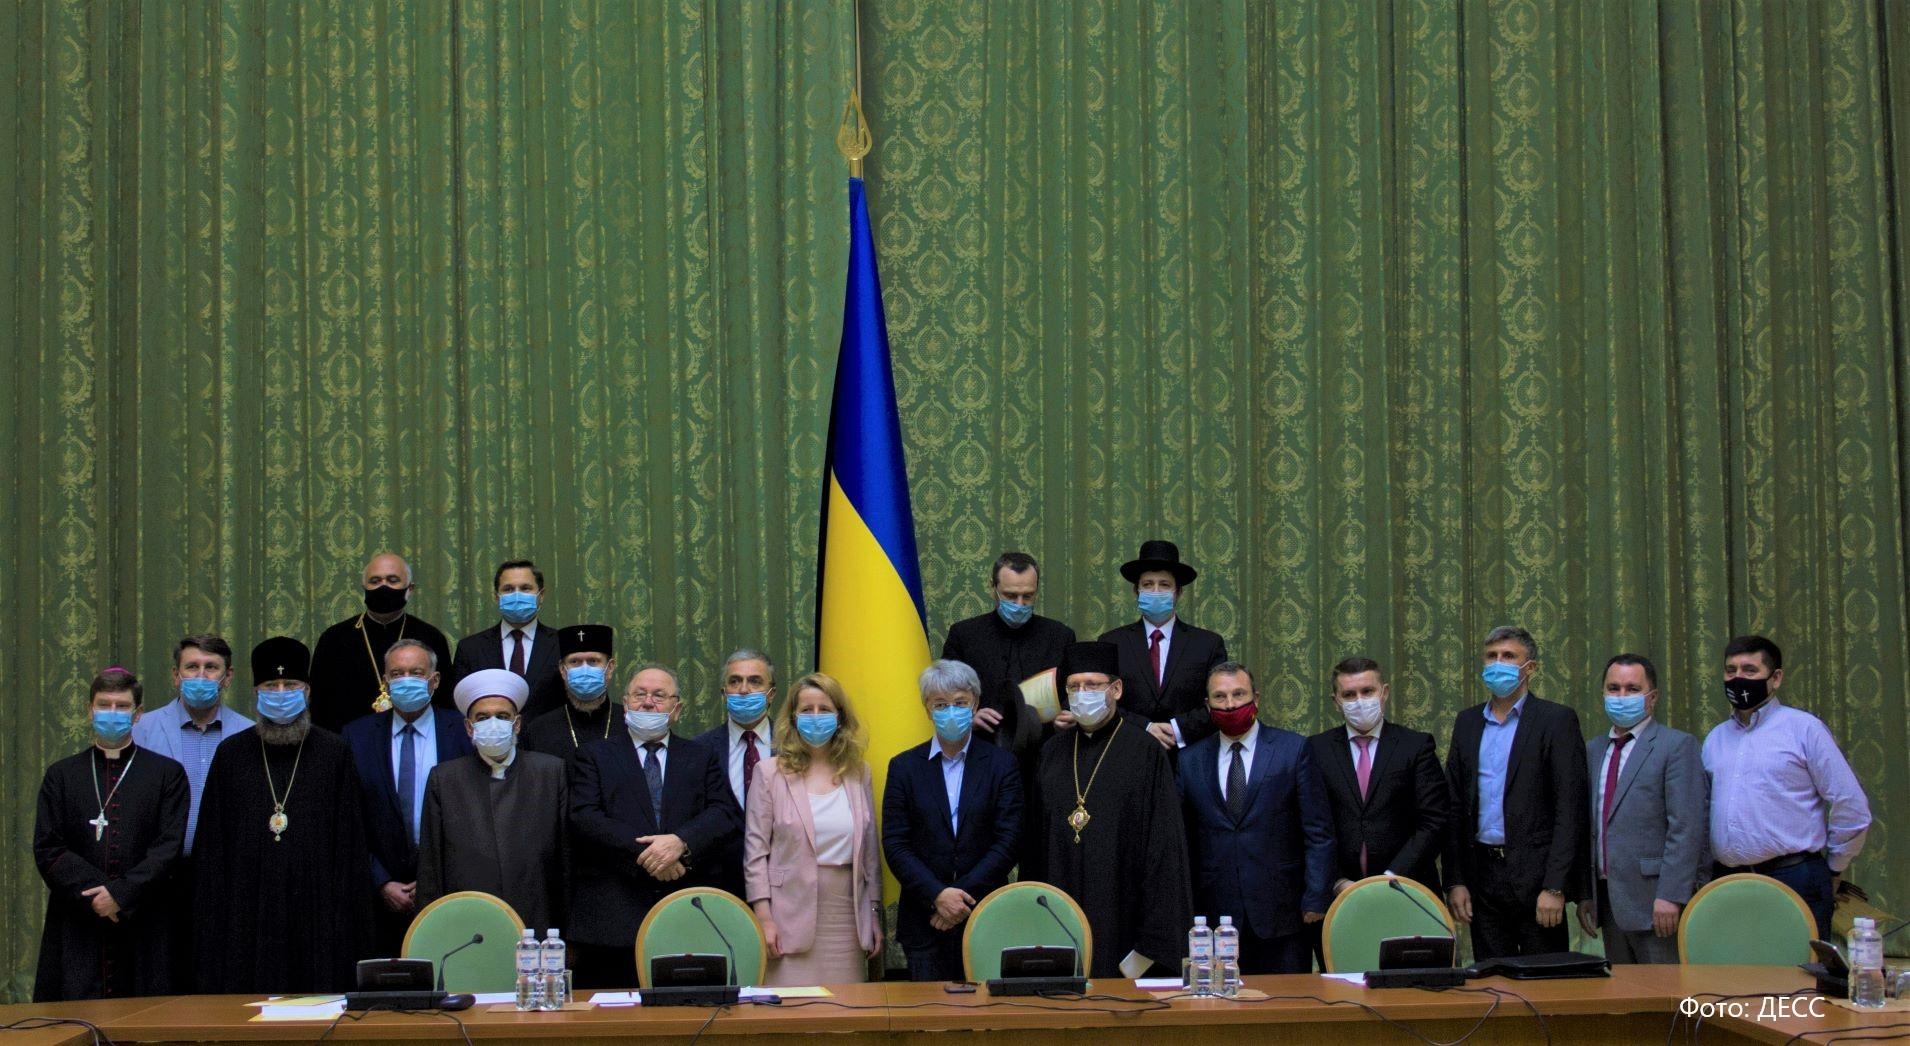 Міністр культури та інформаційної політики й Голова ДЕСС зустрілися з членами Всеукраїнської Ради Церков і релігійних організацій